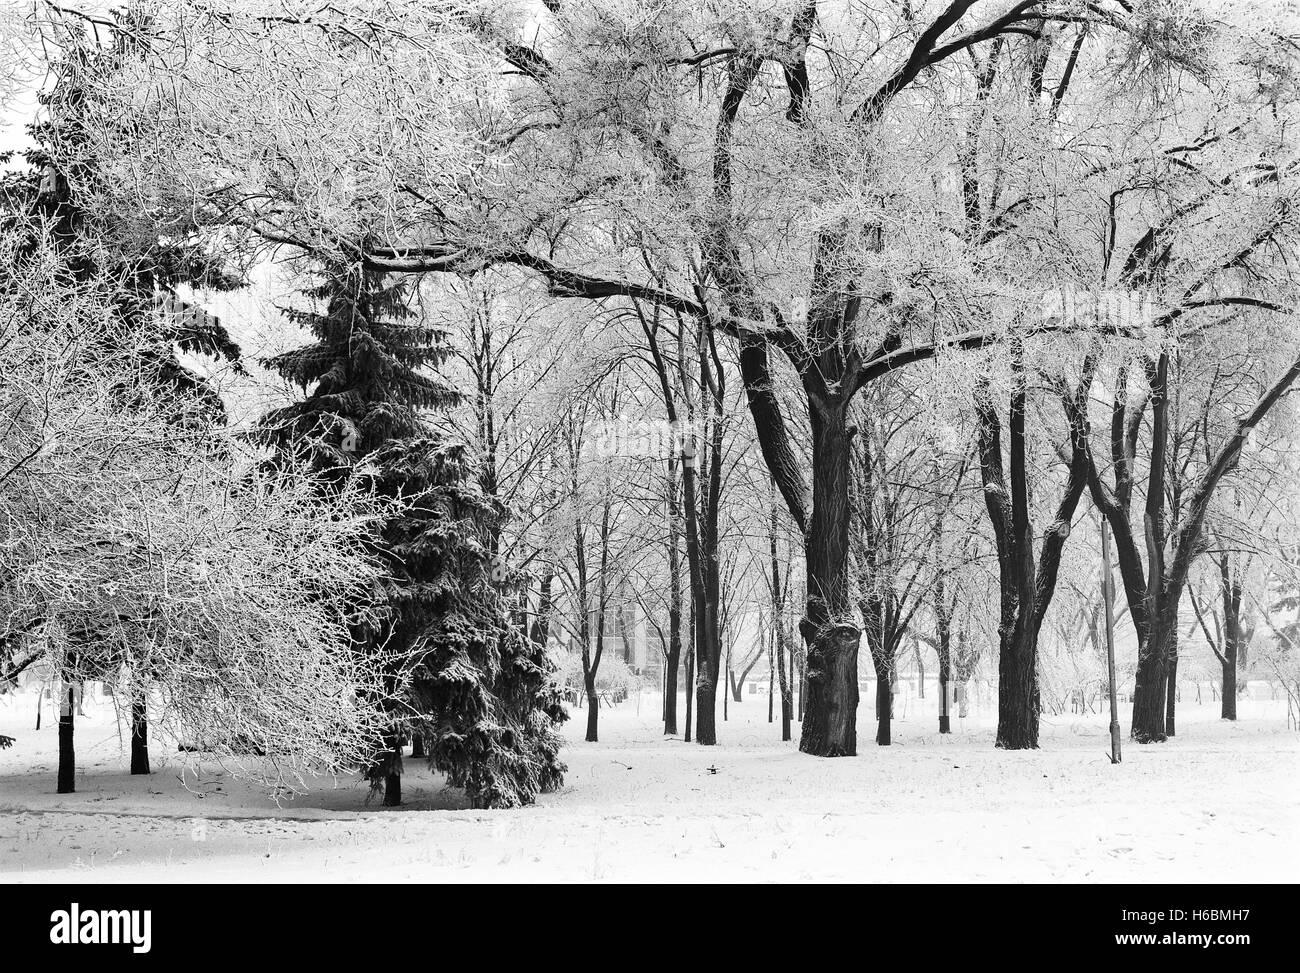 Ville d'hiver parc avec arbres snowbound; film monochrome numérisée Photo Stock